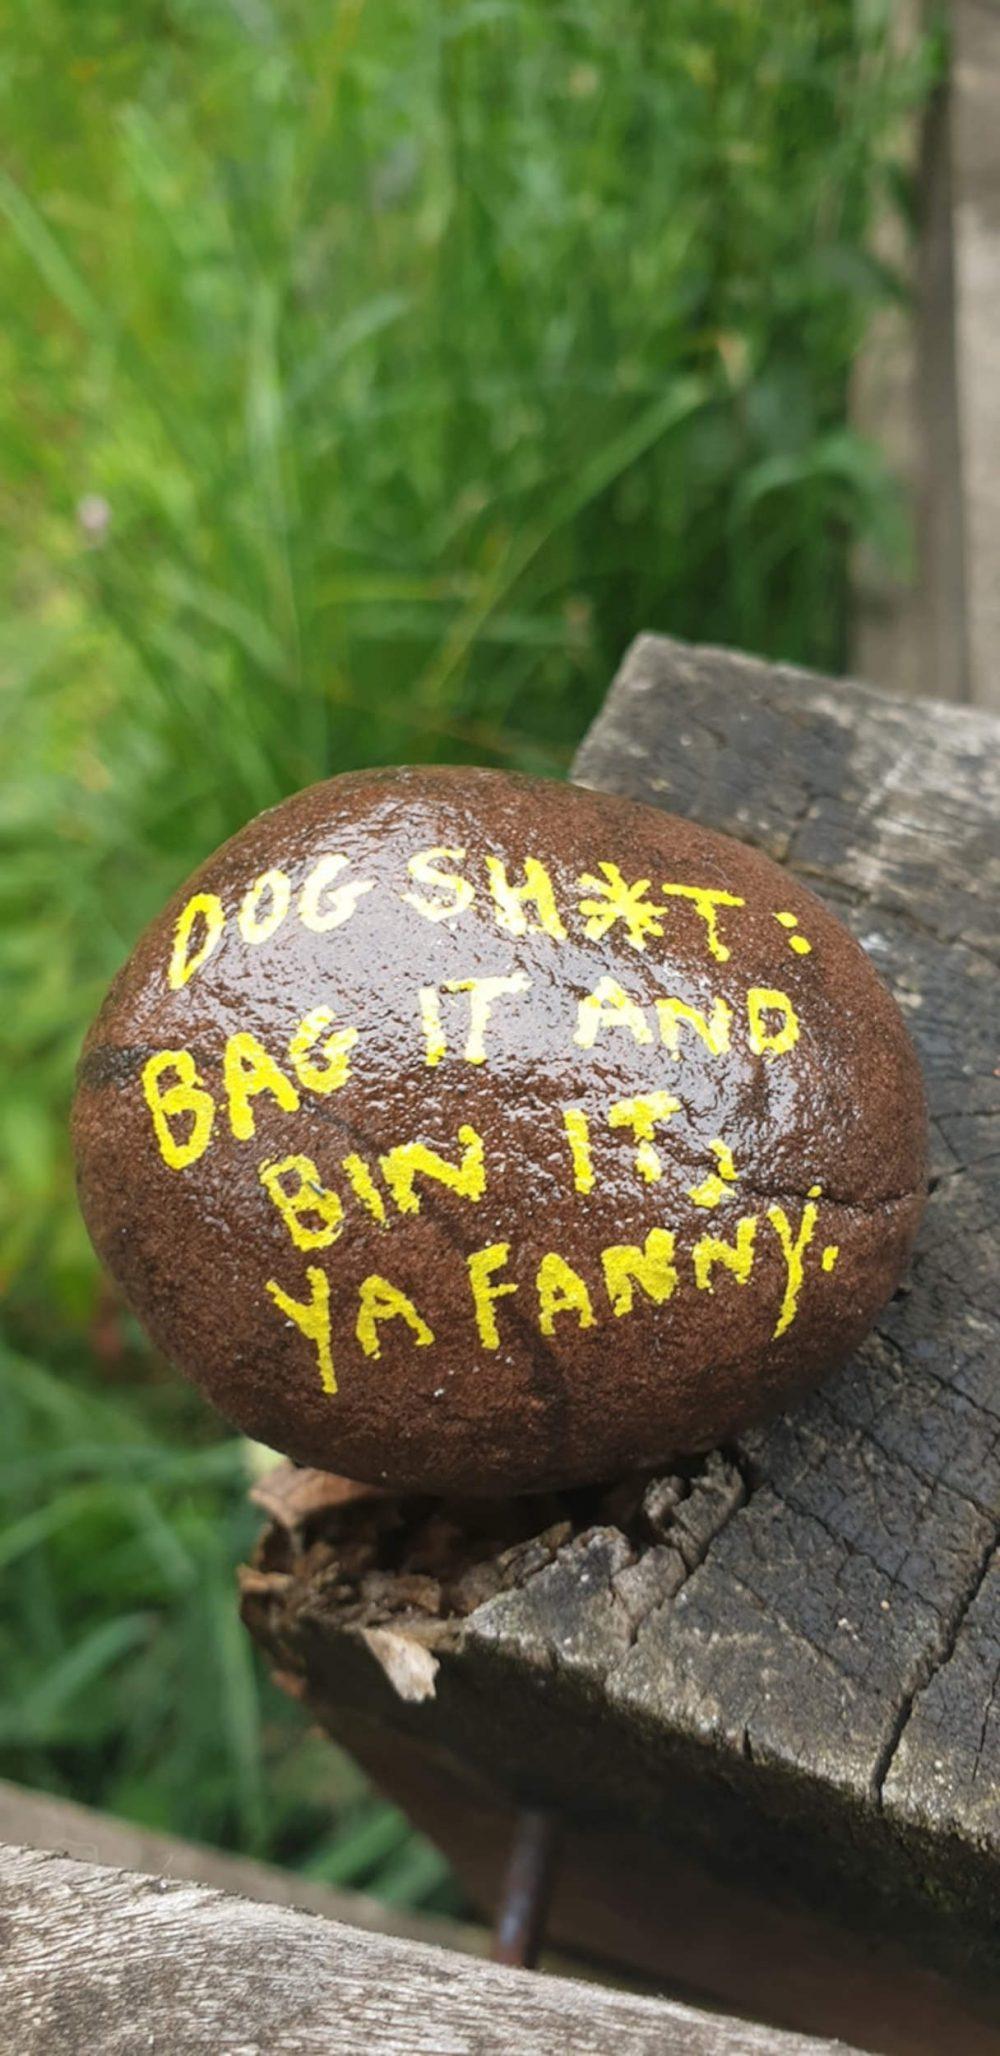 Dog poo stone Eliburn Park - Scottish News